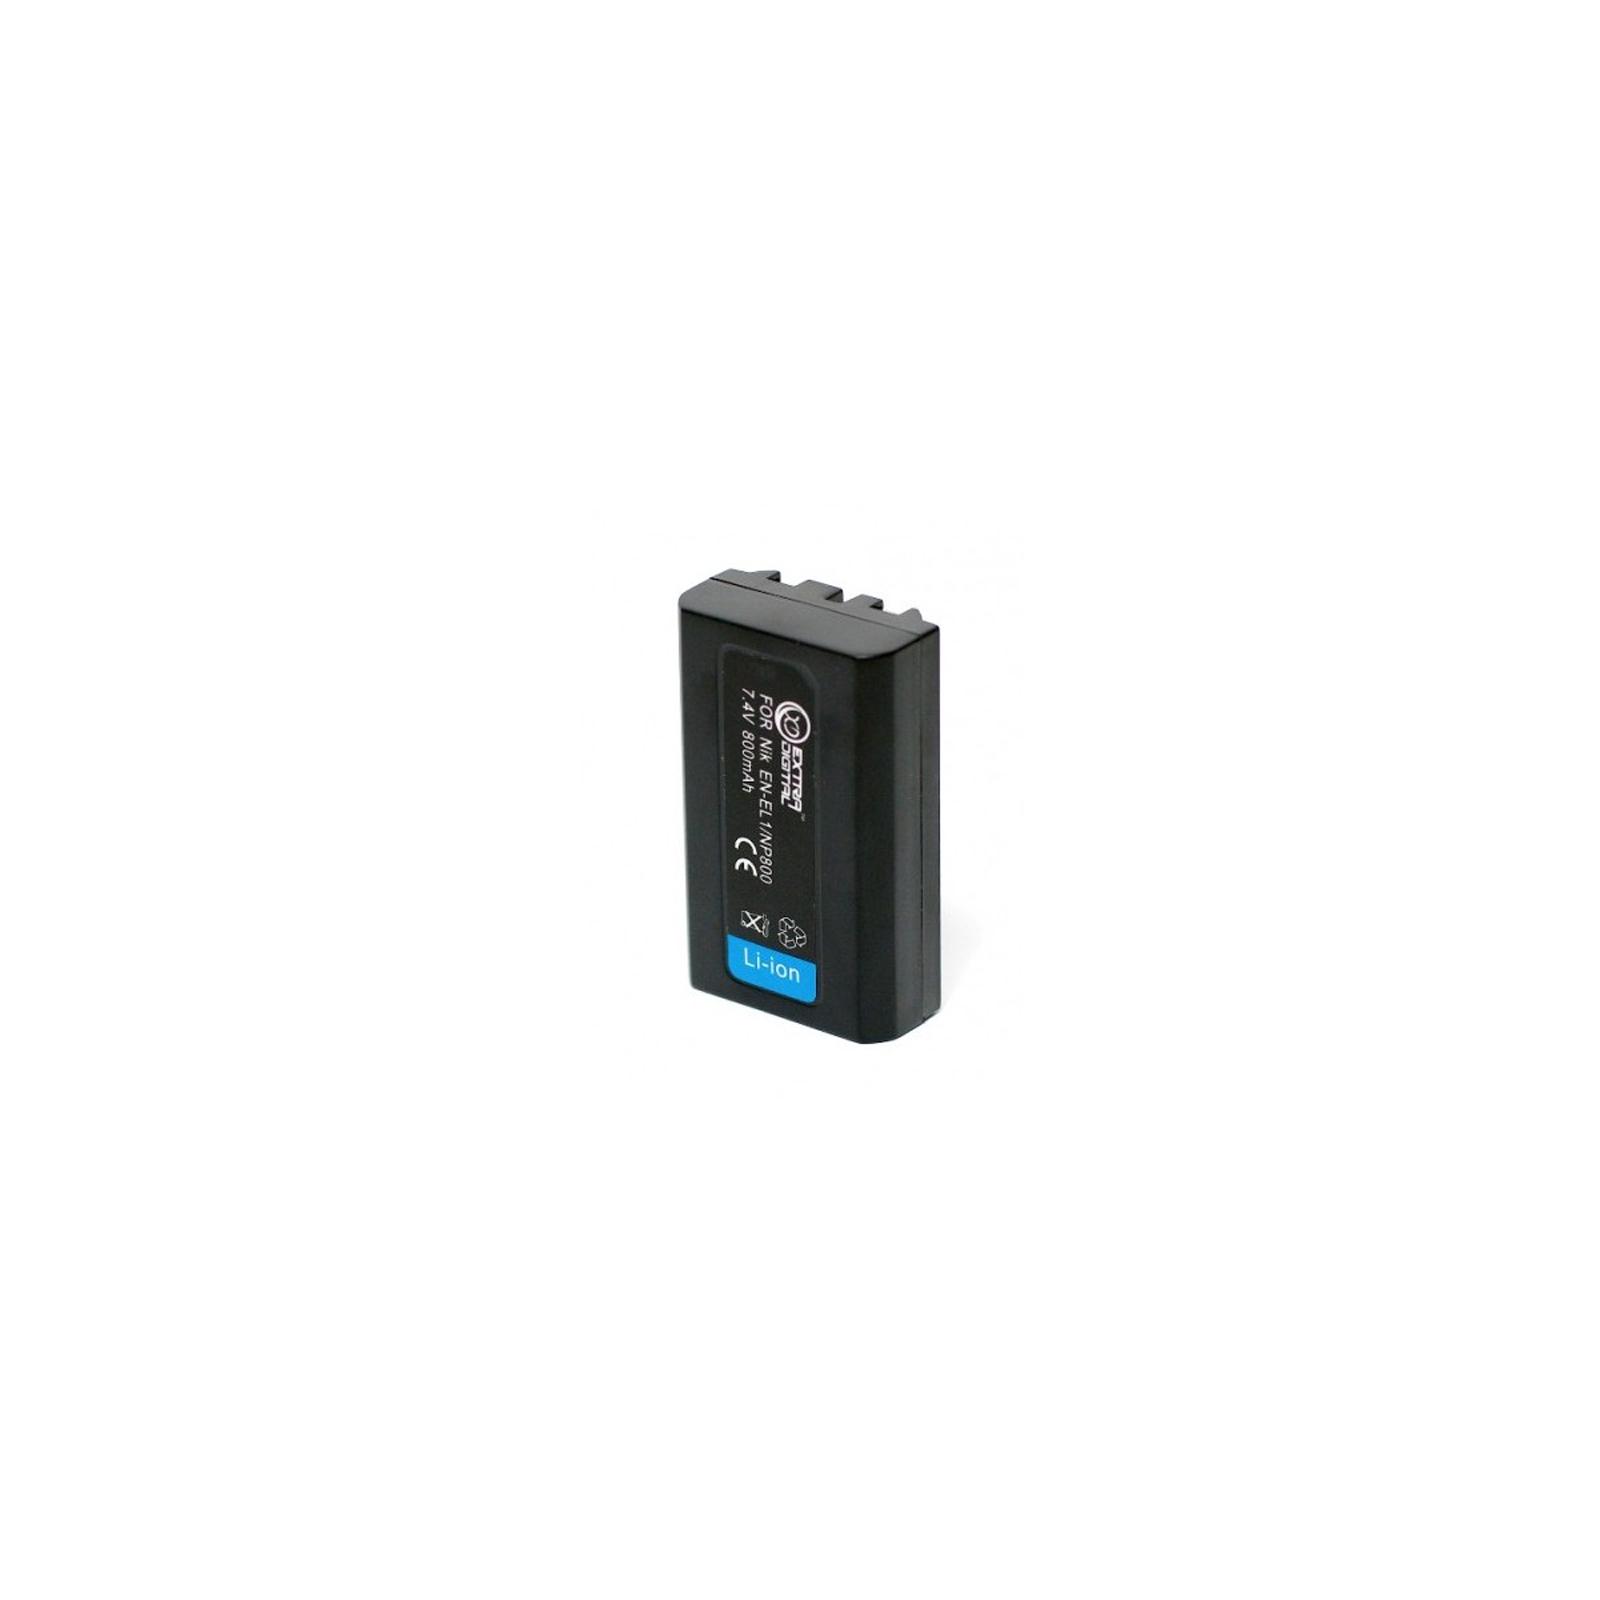 Аккумулятор к фото/видео EXTRADIGITAL Minolta NP-800 (DV00DV1069) изображение 2